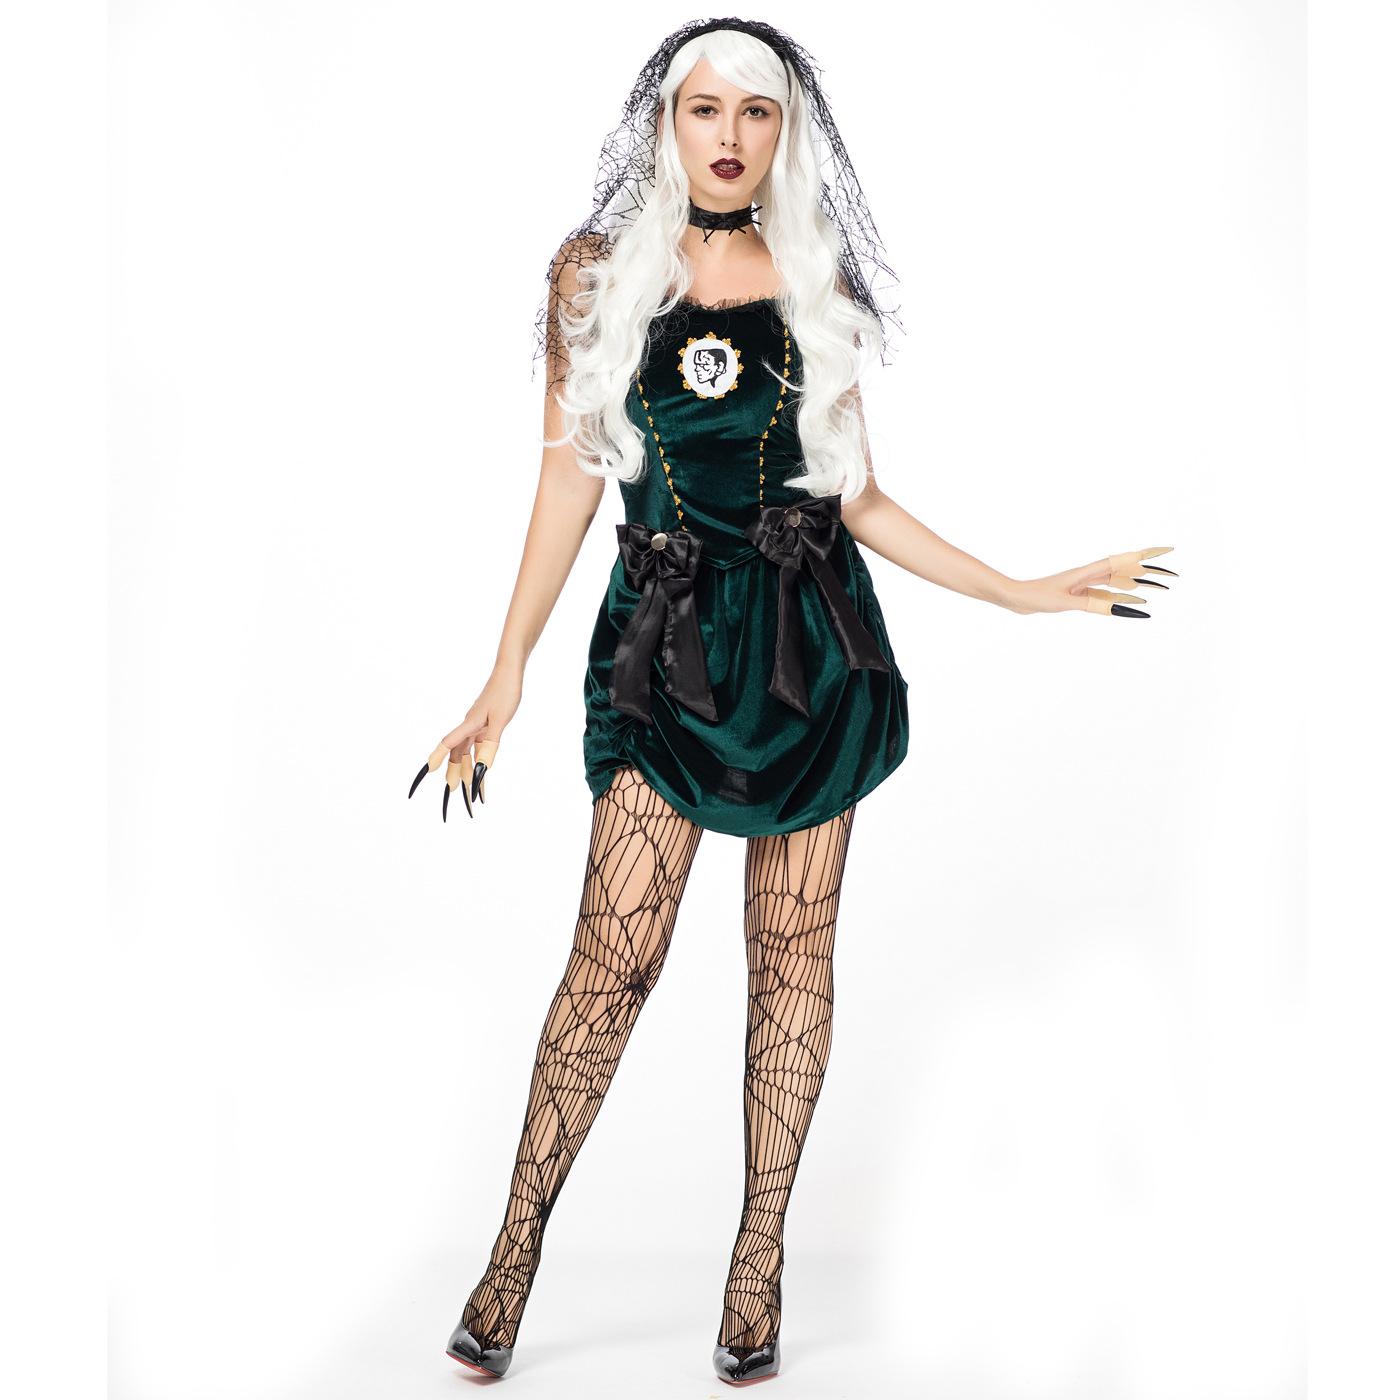 万圣节服装鬼新娘cosplay角色扮演服游戏服吸血鬼恶魔服装绿色